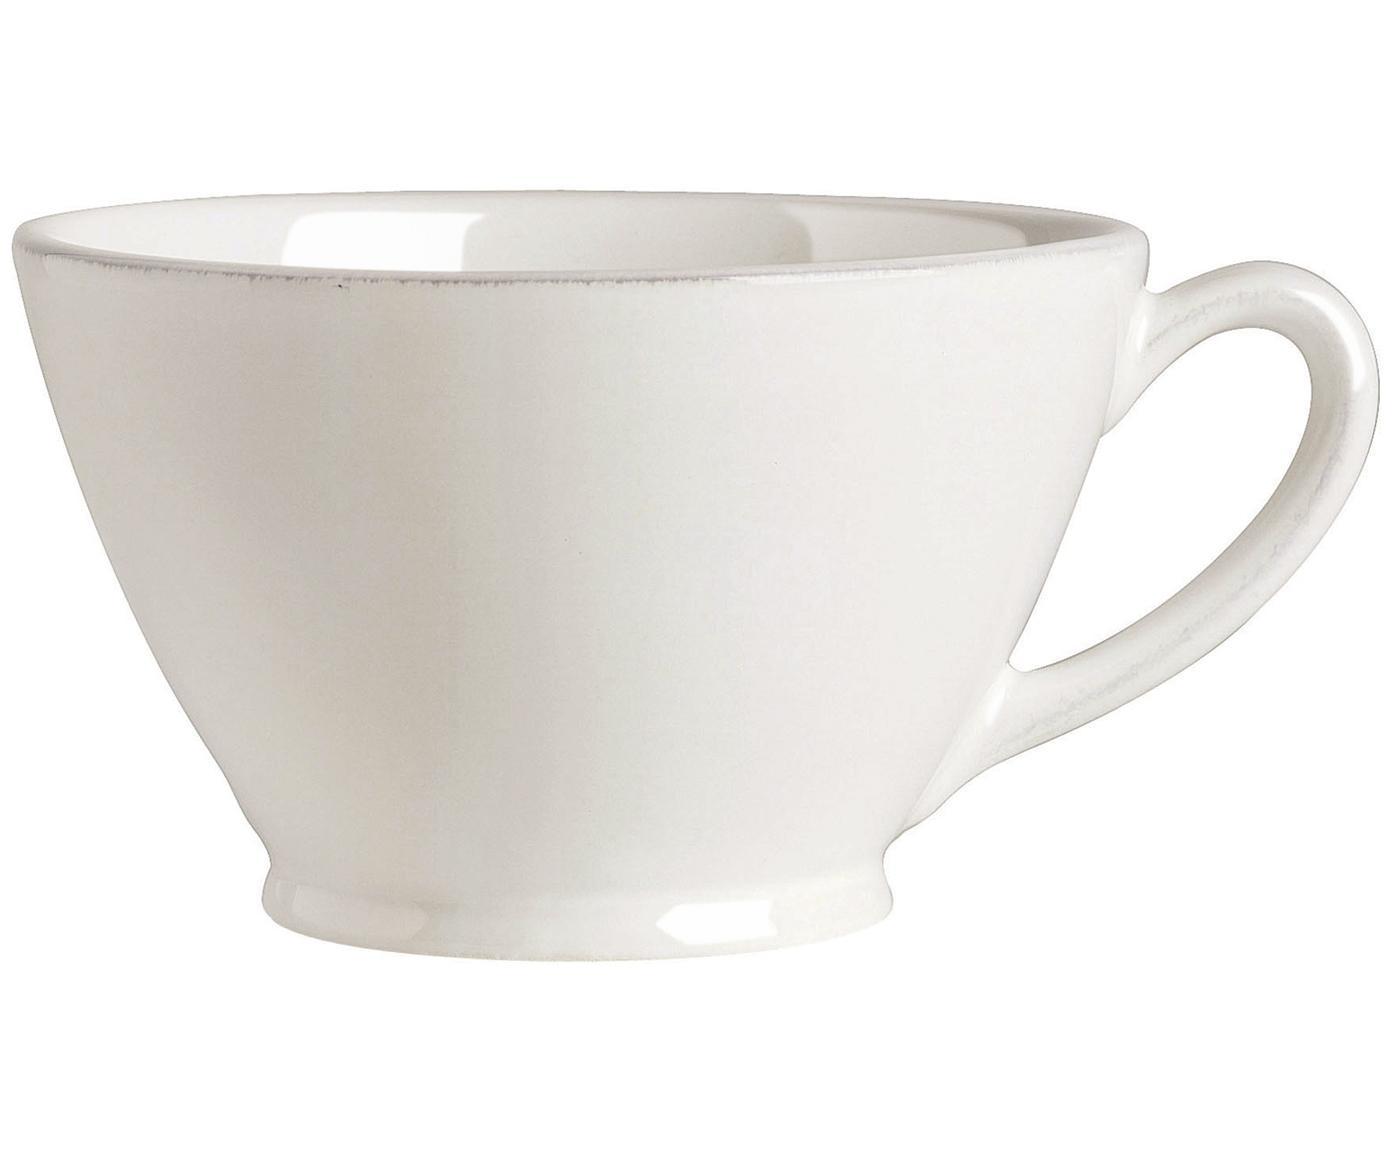 Tazza da te color bianco Constance, Terracotta, Bianco, Ø 15 x Alt. 9 cm